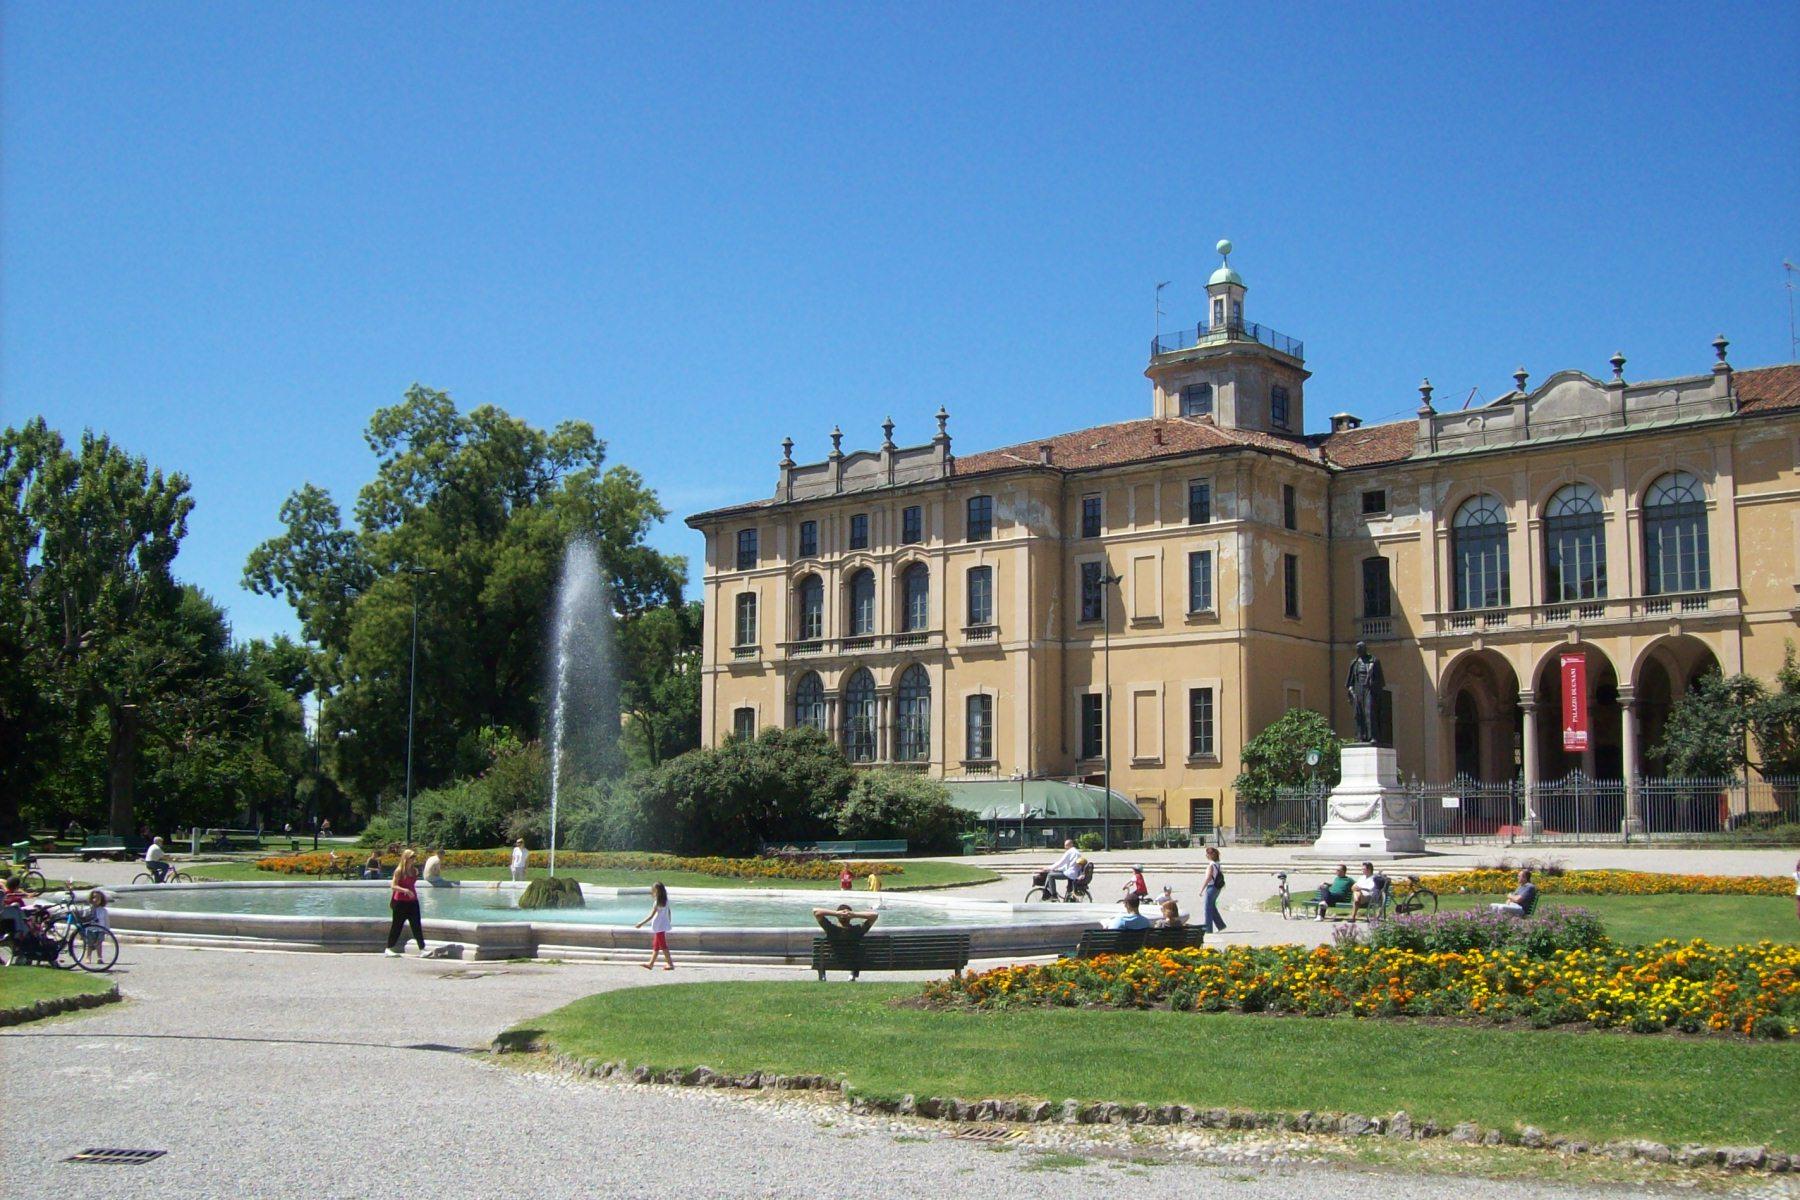 Giardini pubblici indro montanelli wikipedia for Corso progettazione giardini